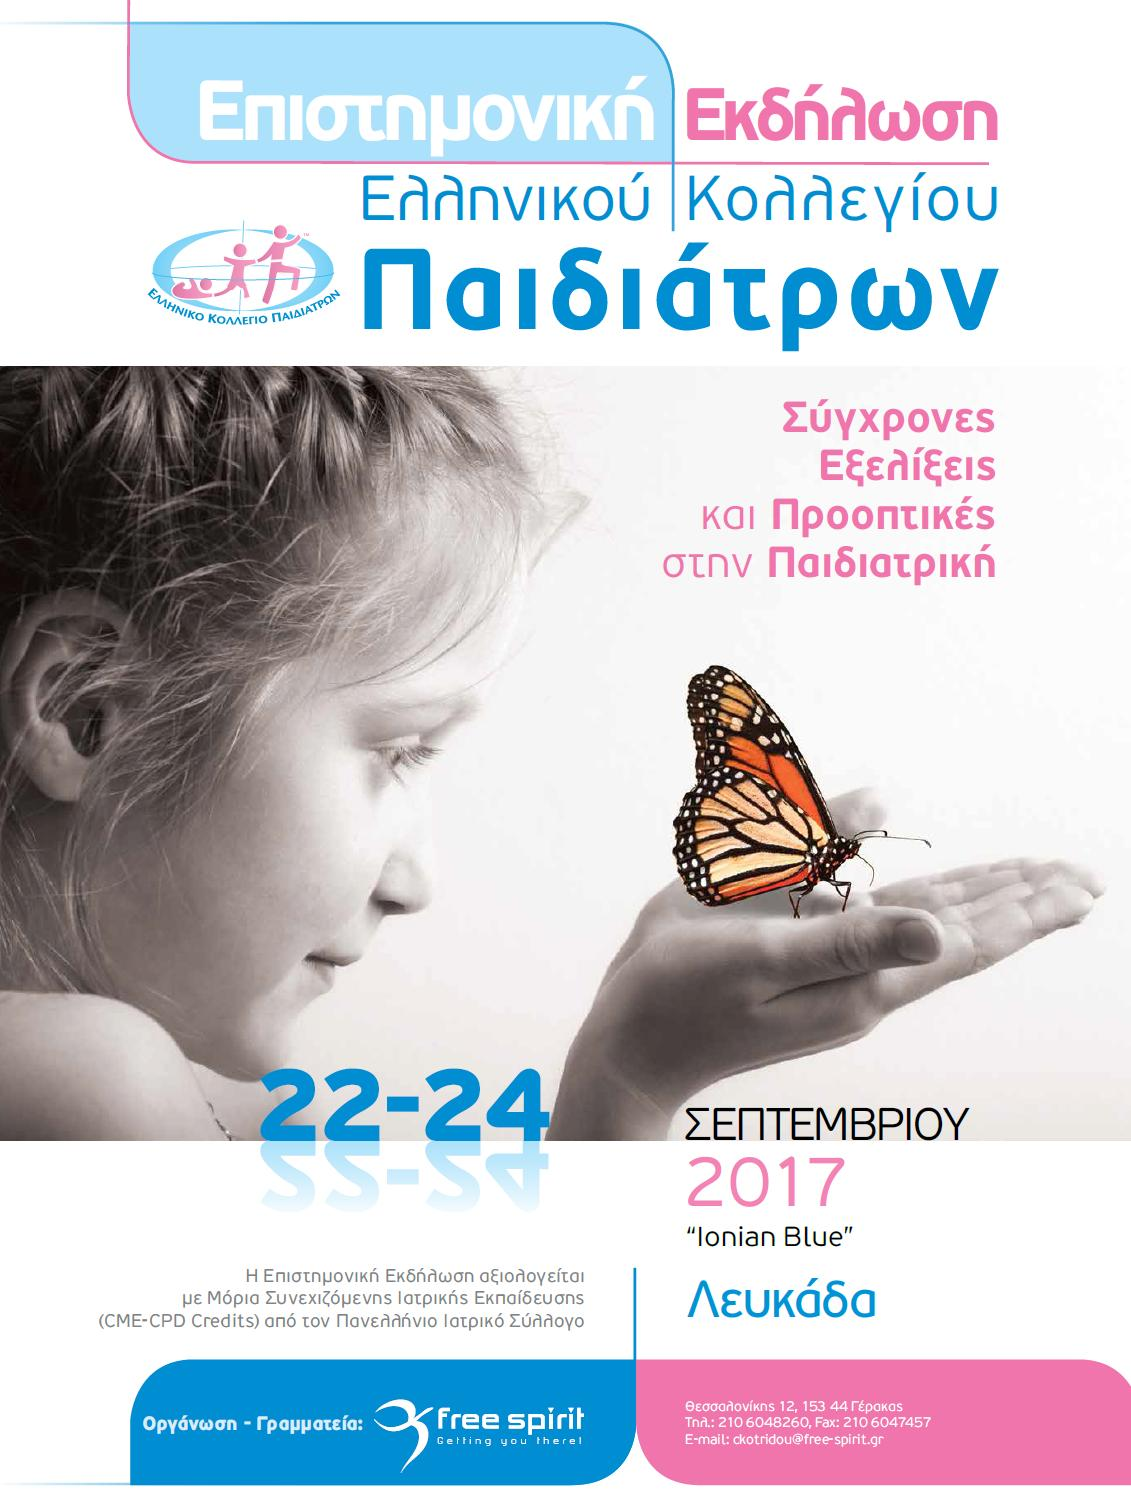 Σύγχρονες Εξελίξεις και Προοπτικές στην Παιδιατρική